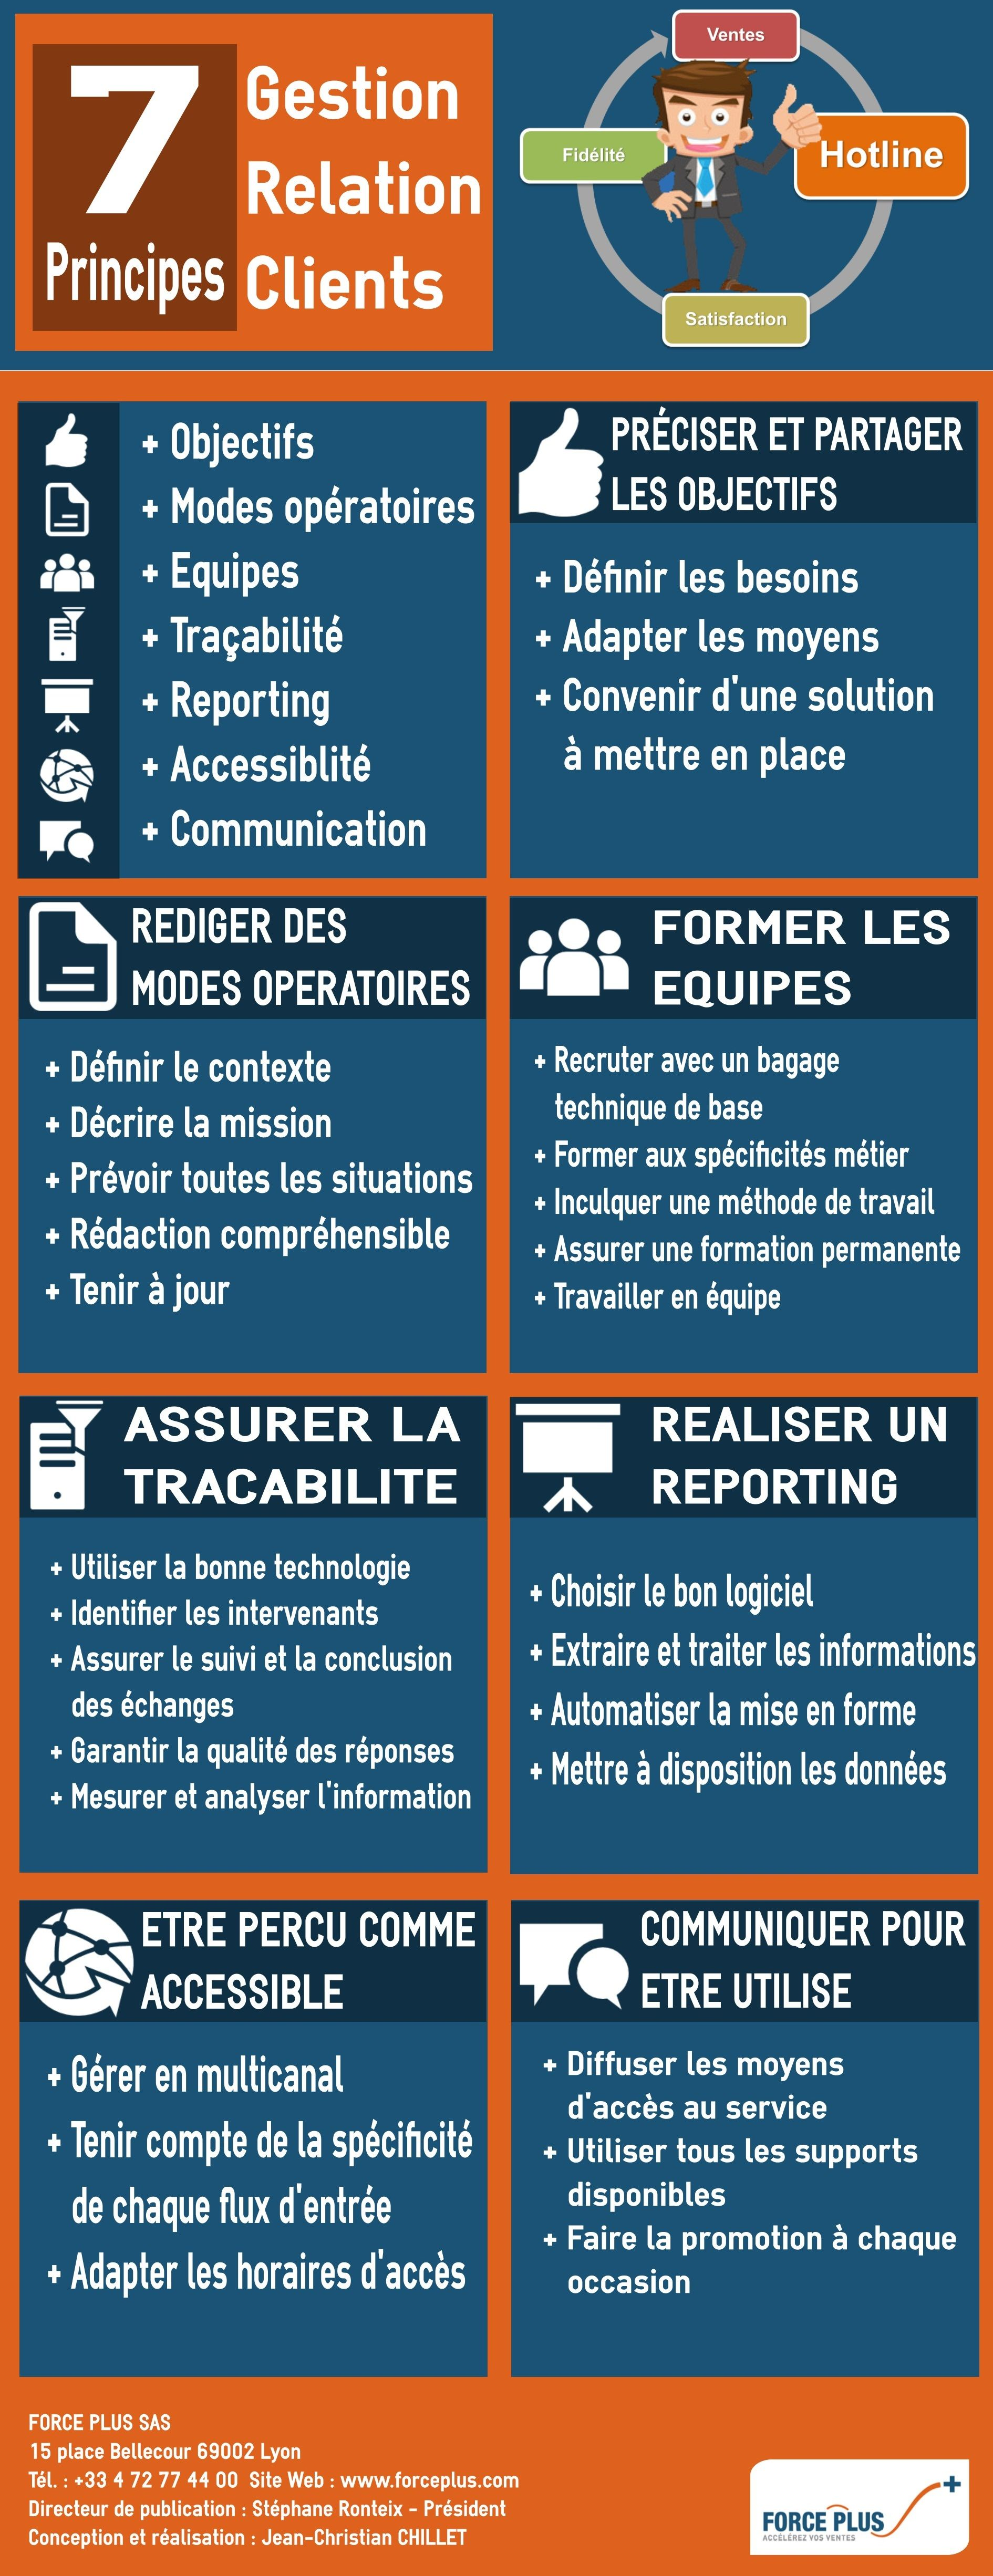 infographie sur les 7 principes de gestion de la relation